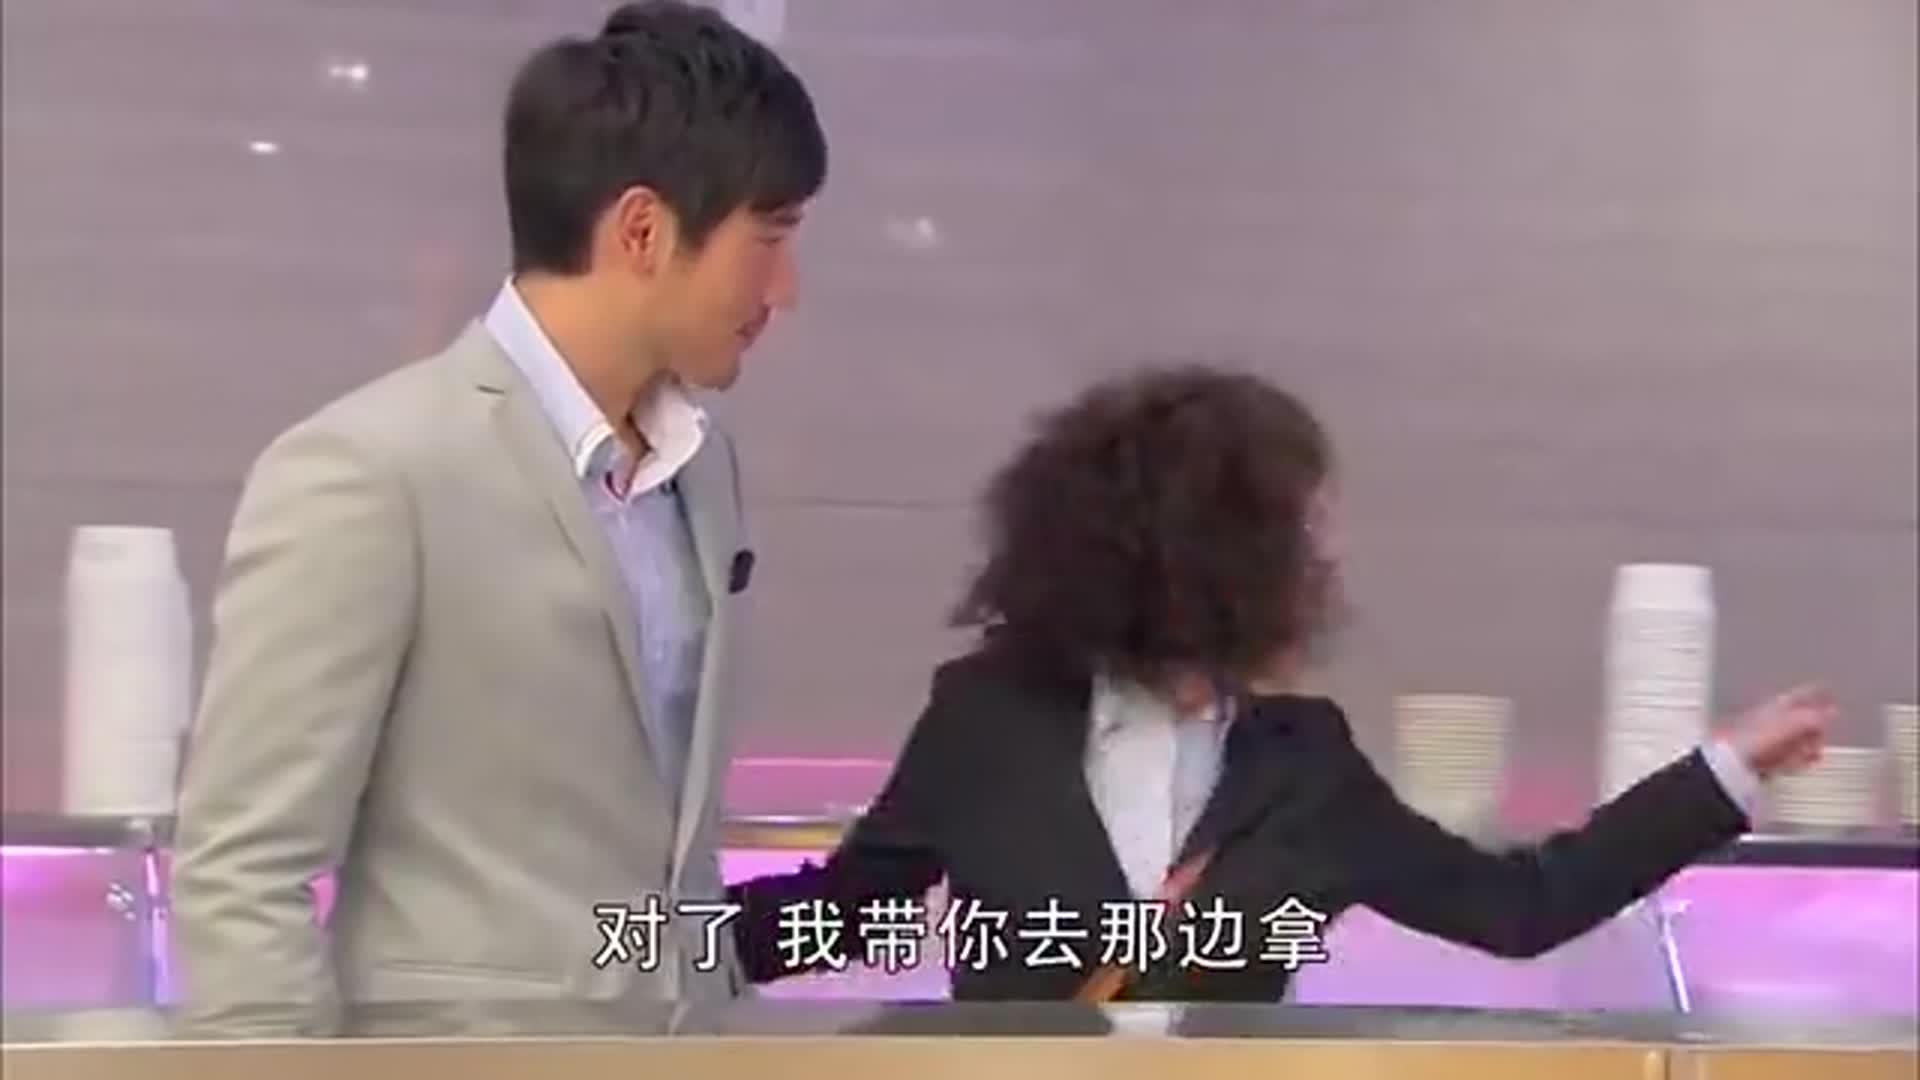 遇见王沥川:两人在餐厅偶遇,小秋的一举一动,让沥川哭笑不得